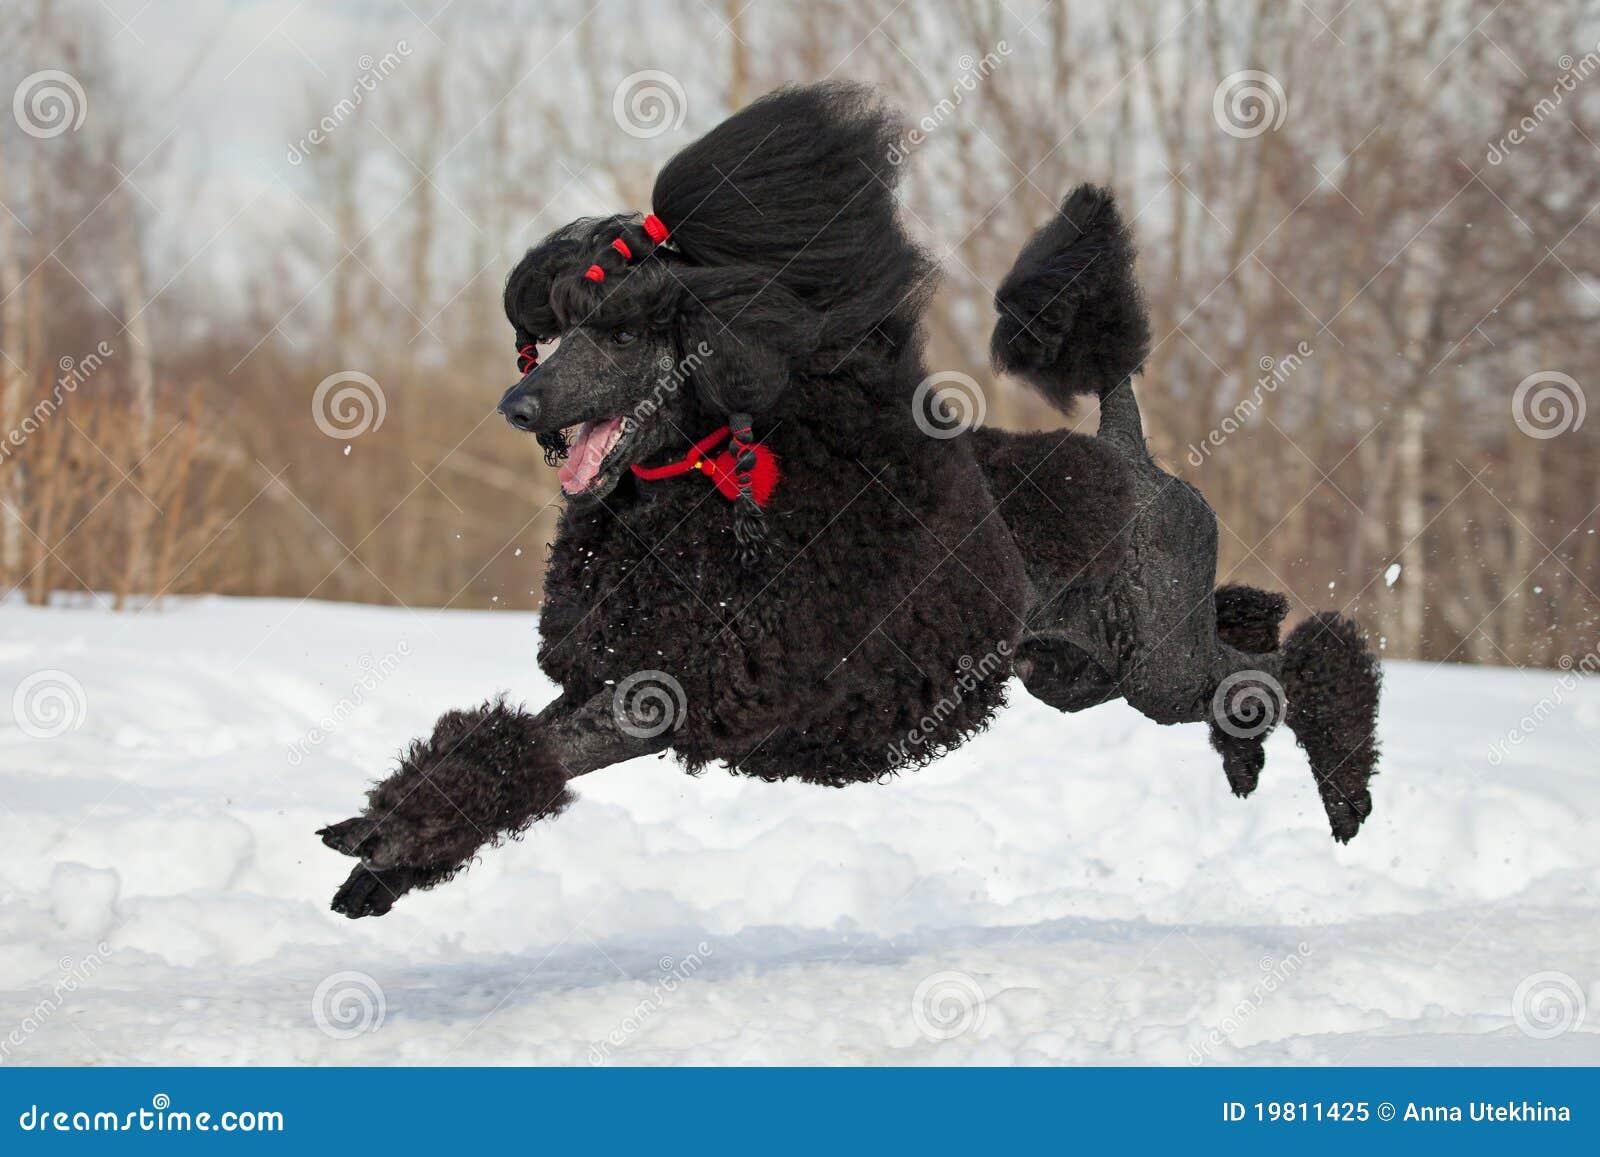 Black Poodle Royalty Free Stock Photo - Image: 19811425